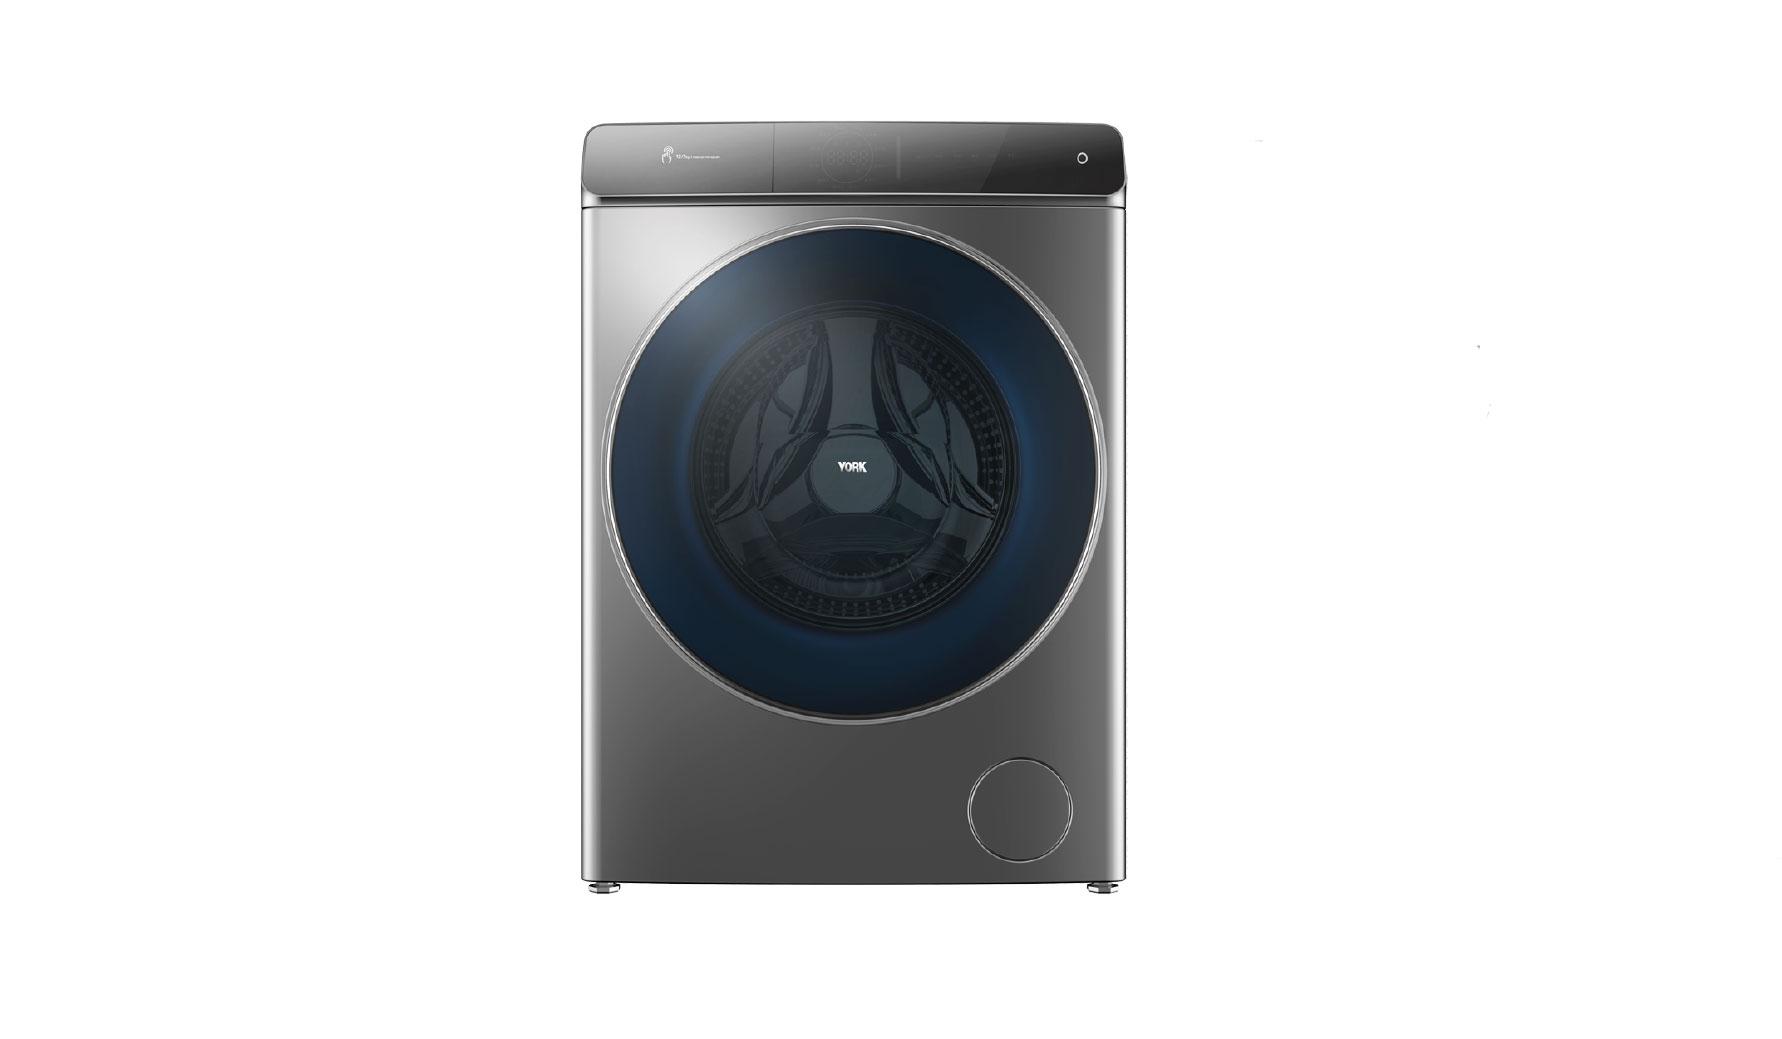 约克滚筒洗衣机1221D-1